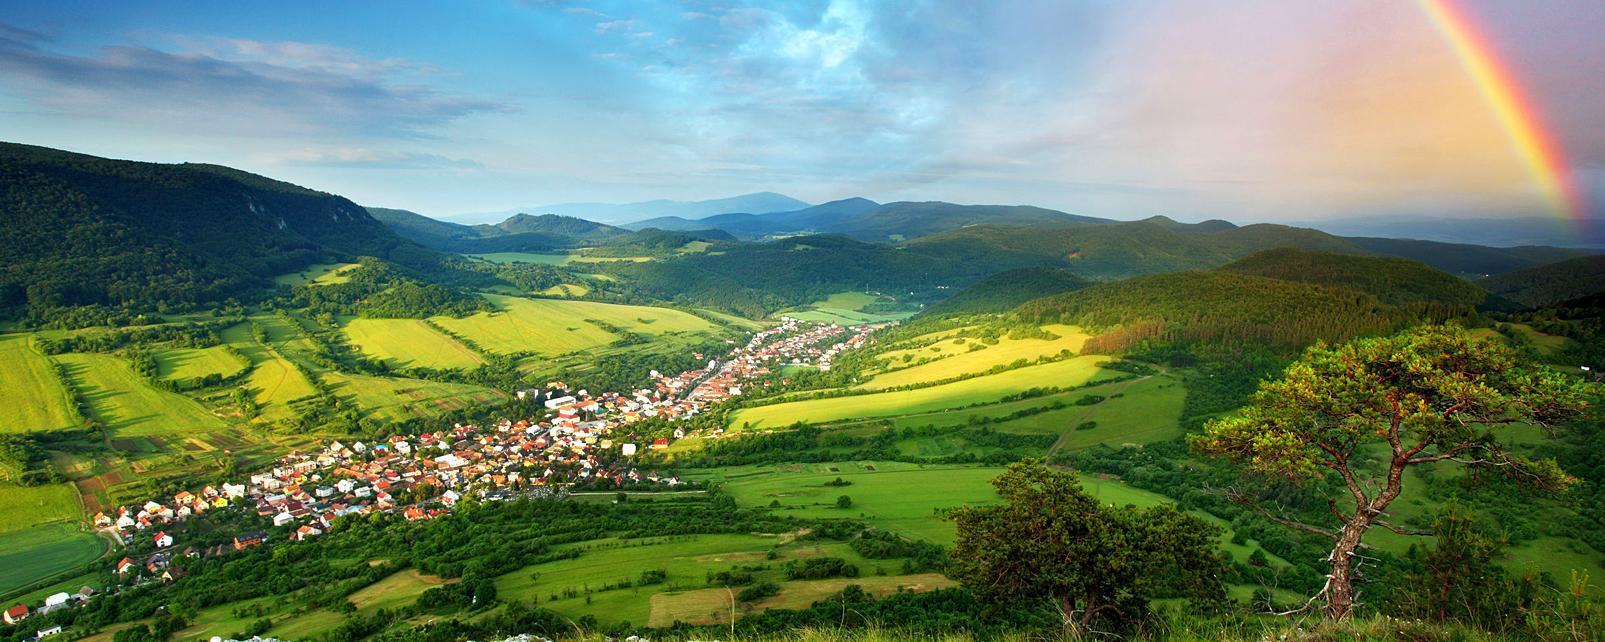 Europe, Slovaquie, village, arc en ciel, montagne, arbre, rocher, maison, ciel,